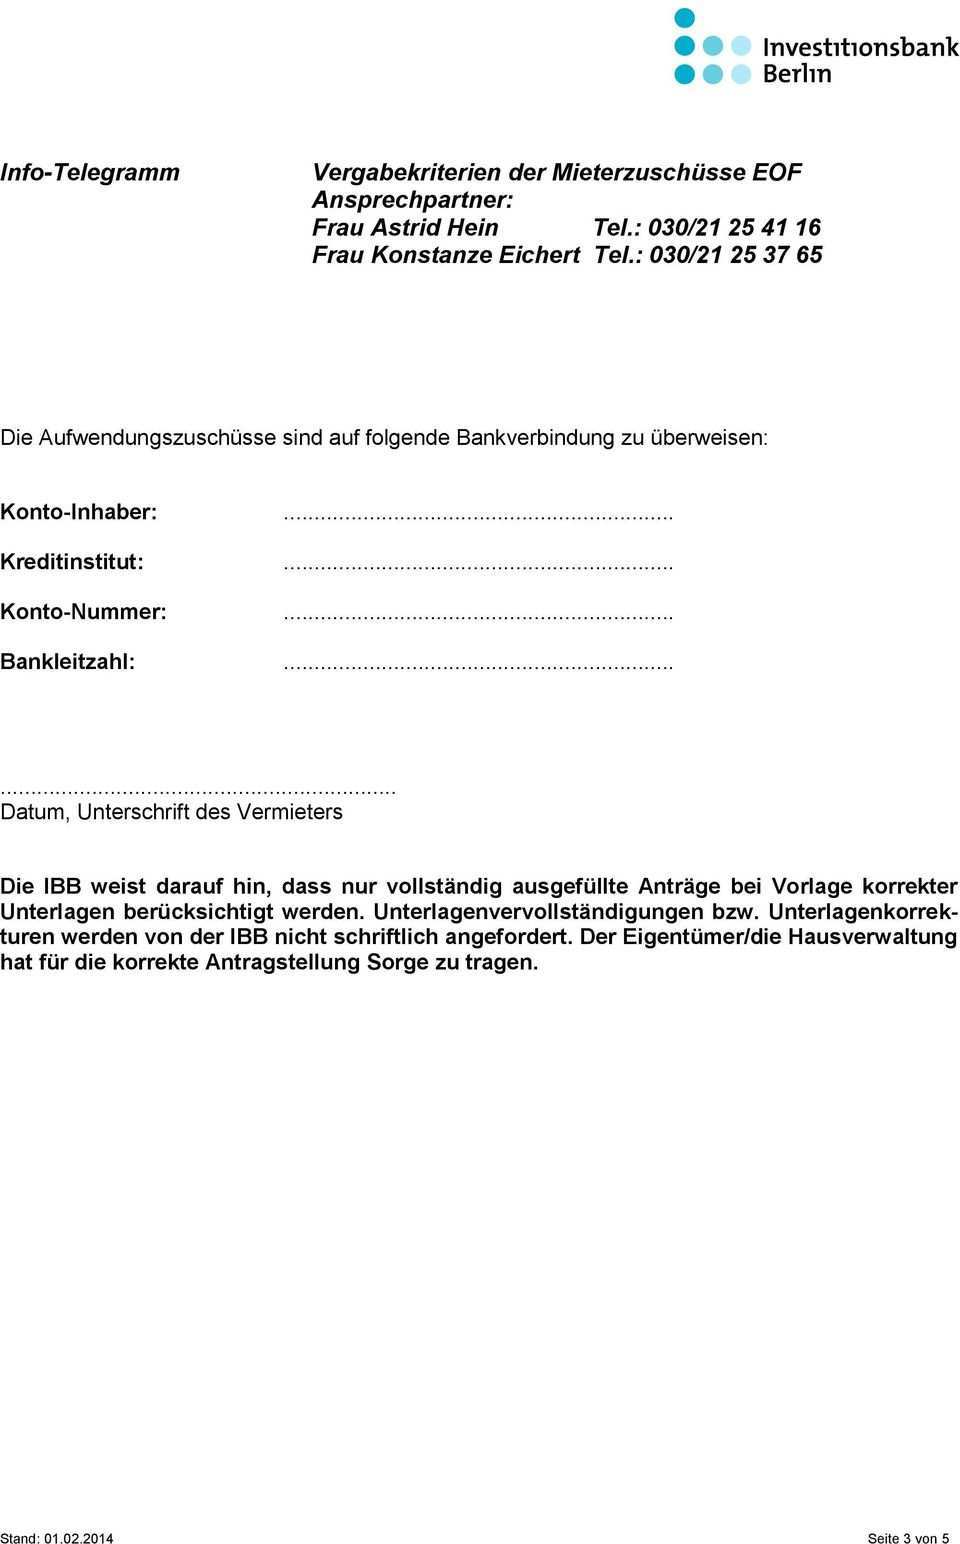 Vergabekriterien Der Mieterzuschusse Eof Ansprechpartner Frau Astrid Hein Tel 030 Frau Konstanze Eichert Tel Pdf Kostenfreier Download